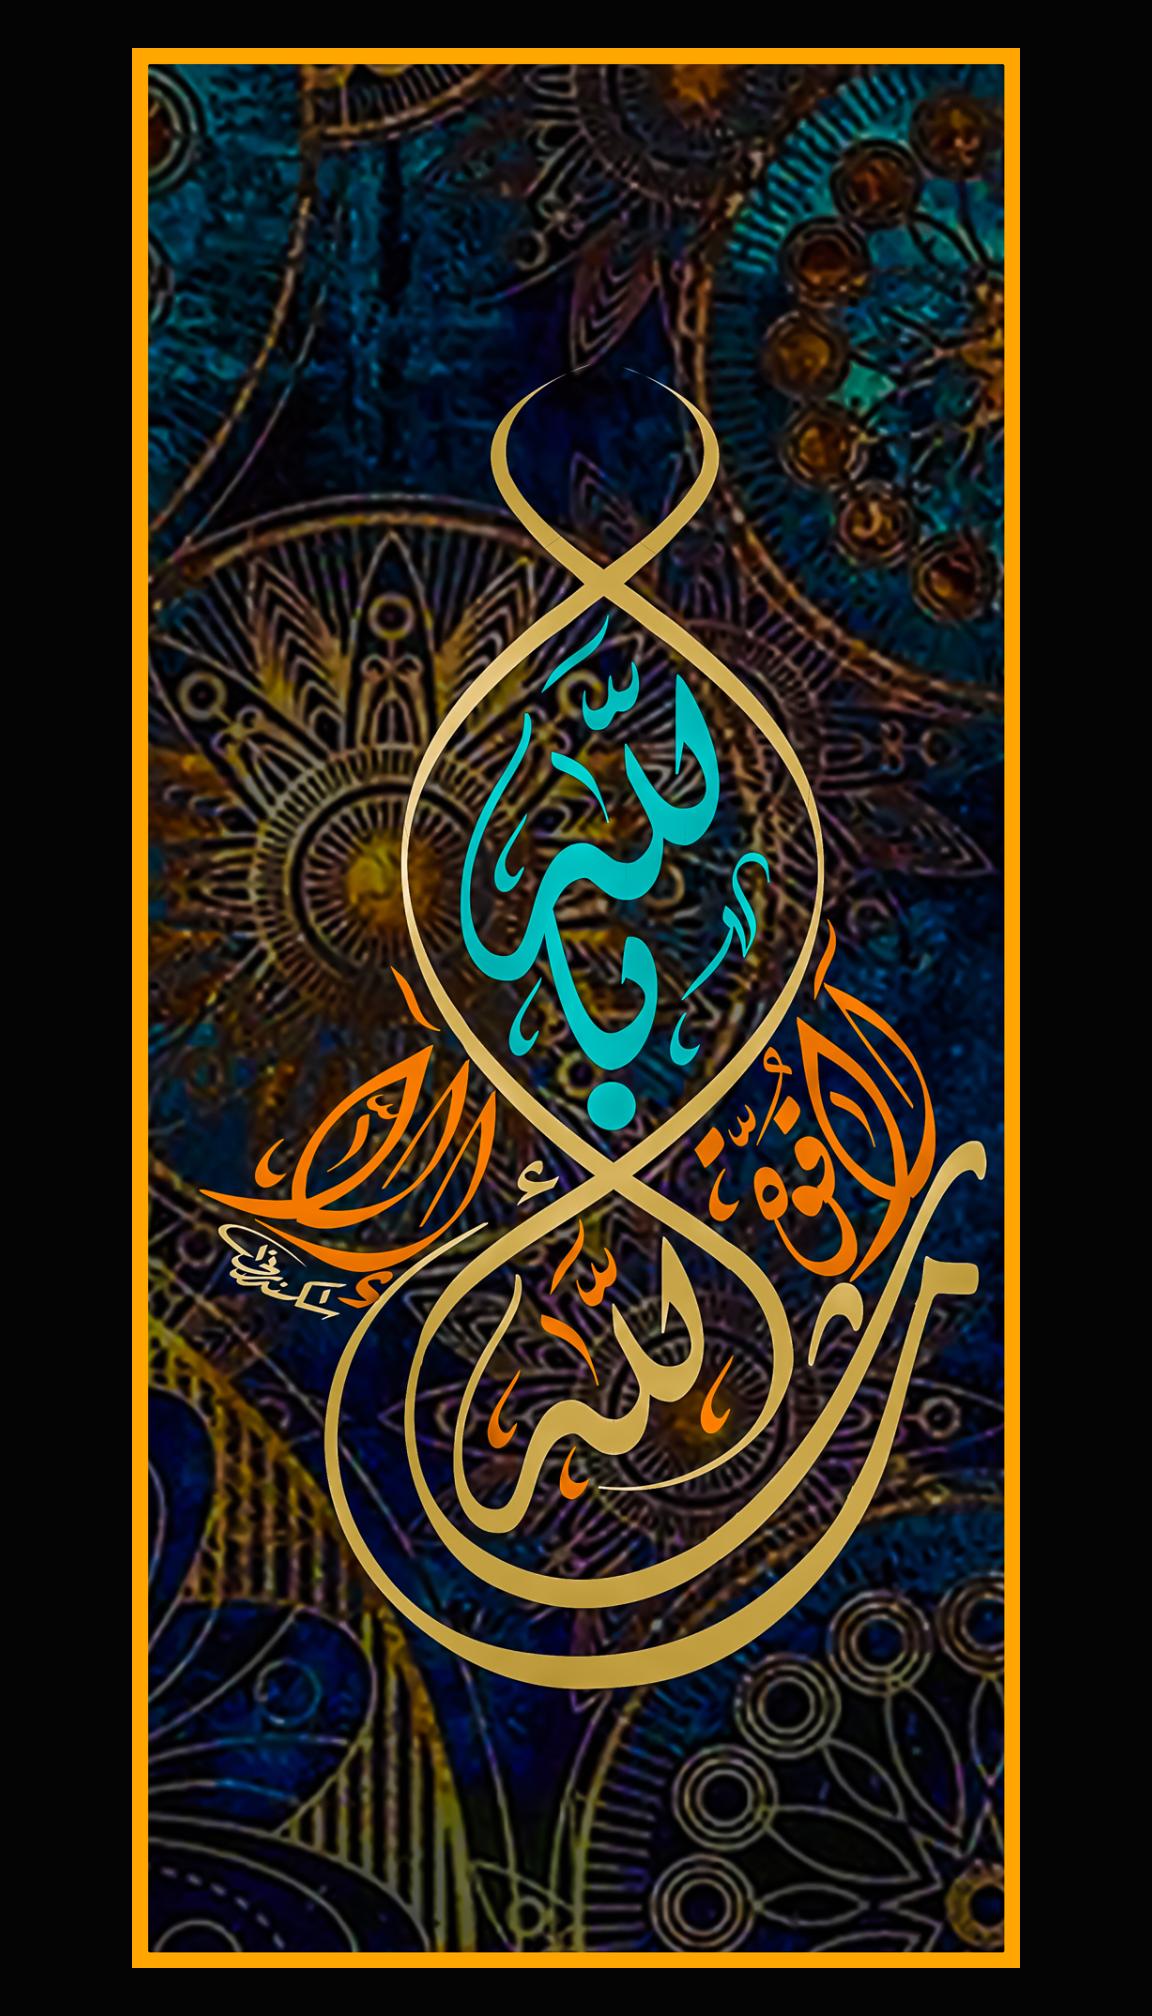 ماشاء الله لا قوة الا بالله من أعمال الخطاط احمد اسكندراني في مدينة جدة Islamic Art Calligraphy Islamic Calligraphy Islamic Art